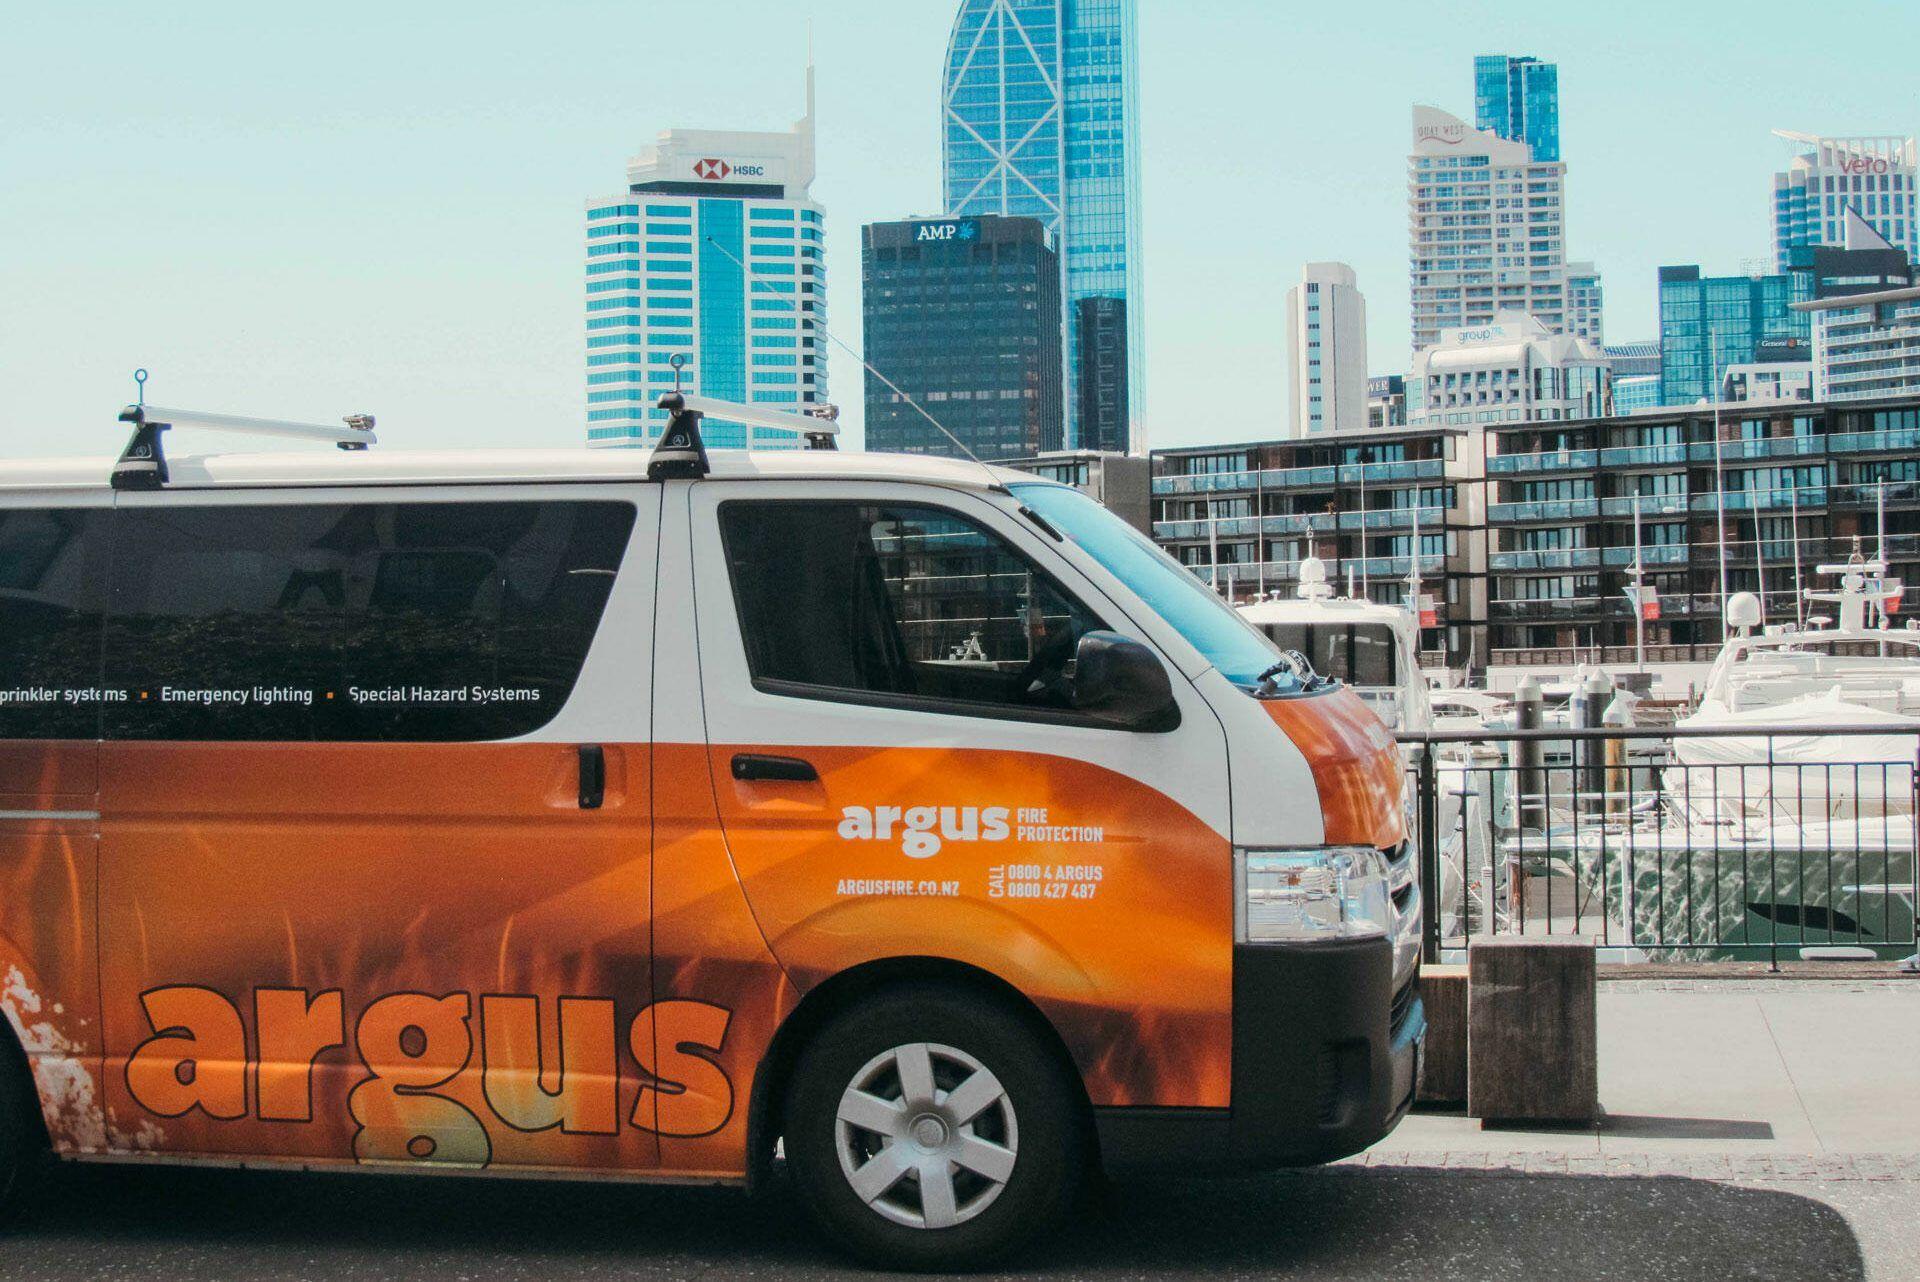 argus fire protection fleet branding